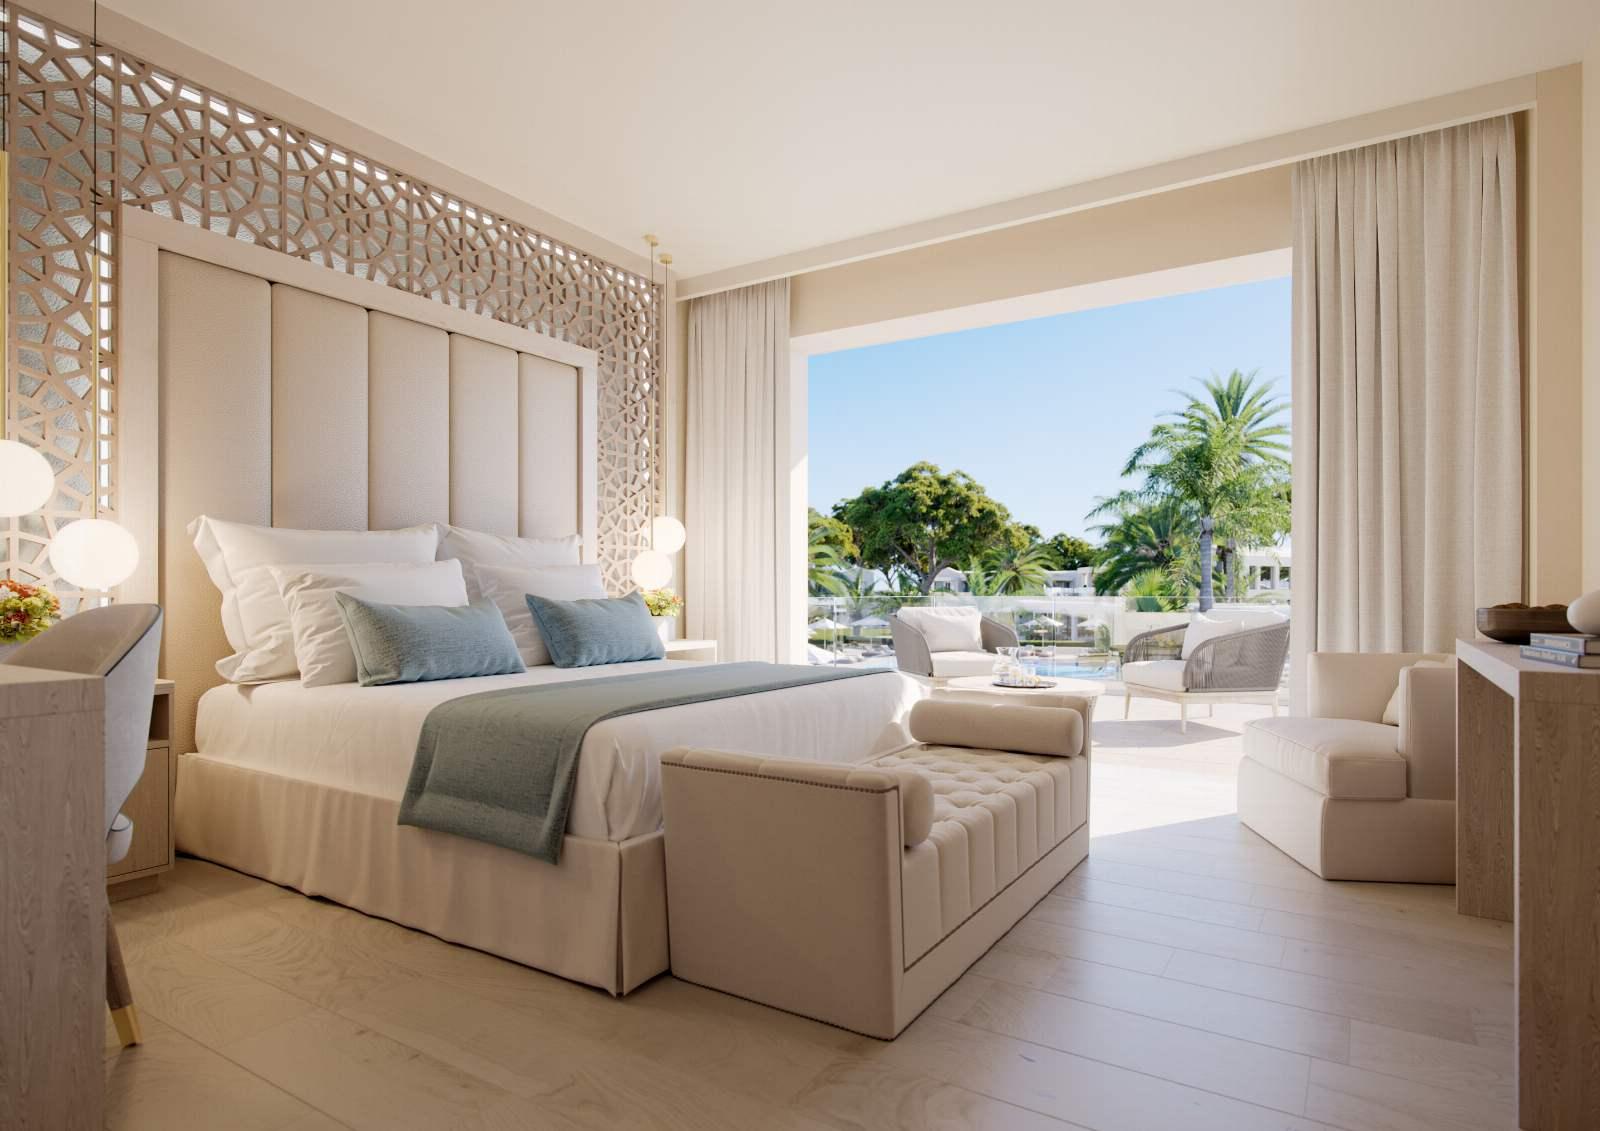 Porto Sani - Suite With Balcony